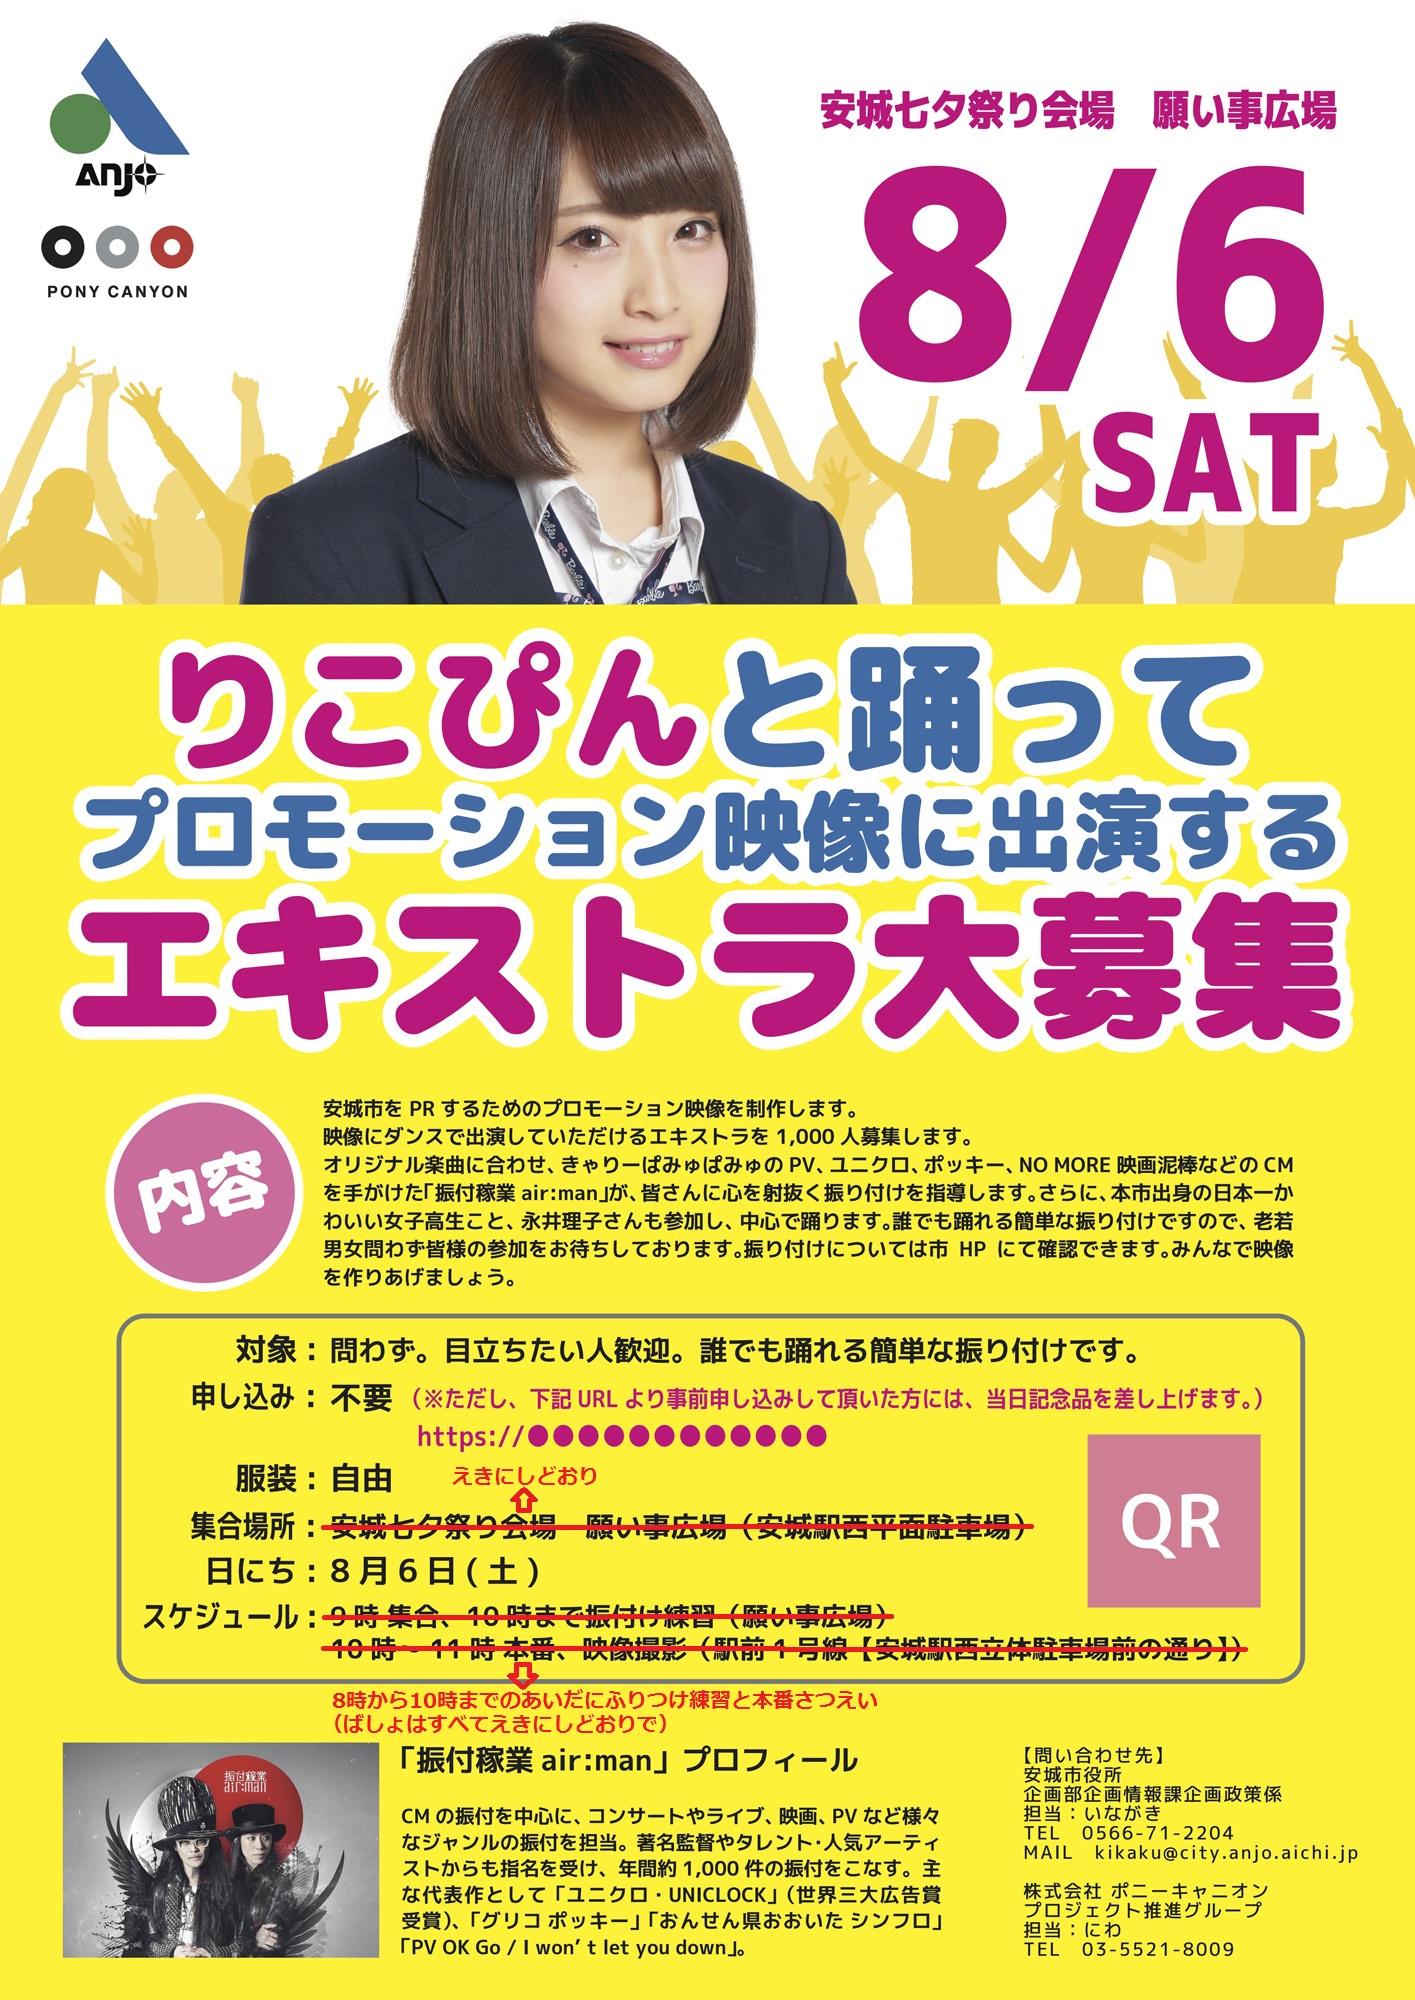 2016.8.6 りこぴんとおどろまい♪ - エキストラ大募集!